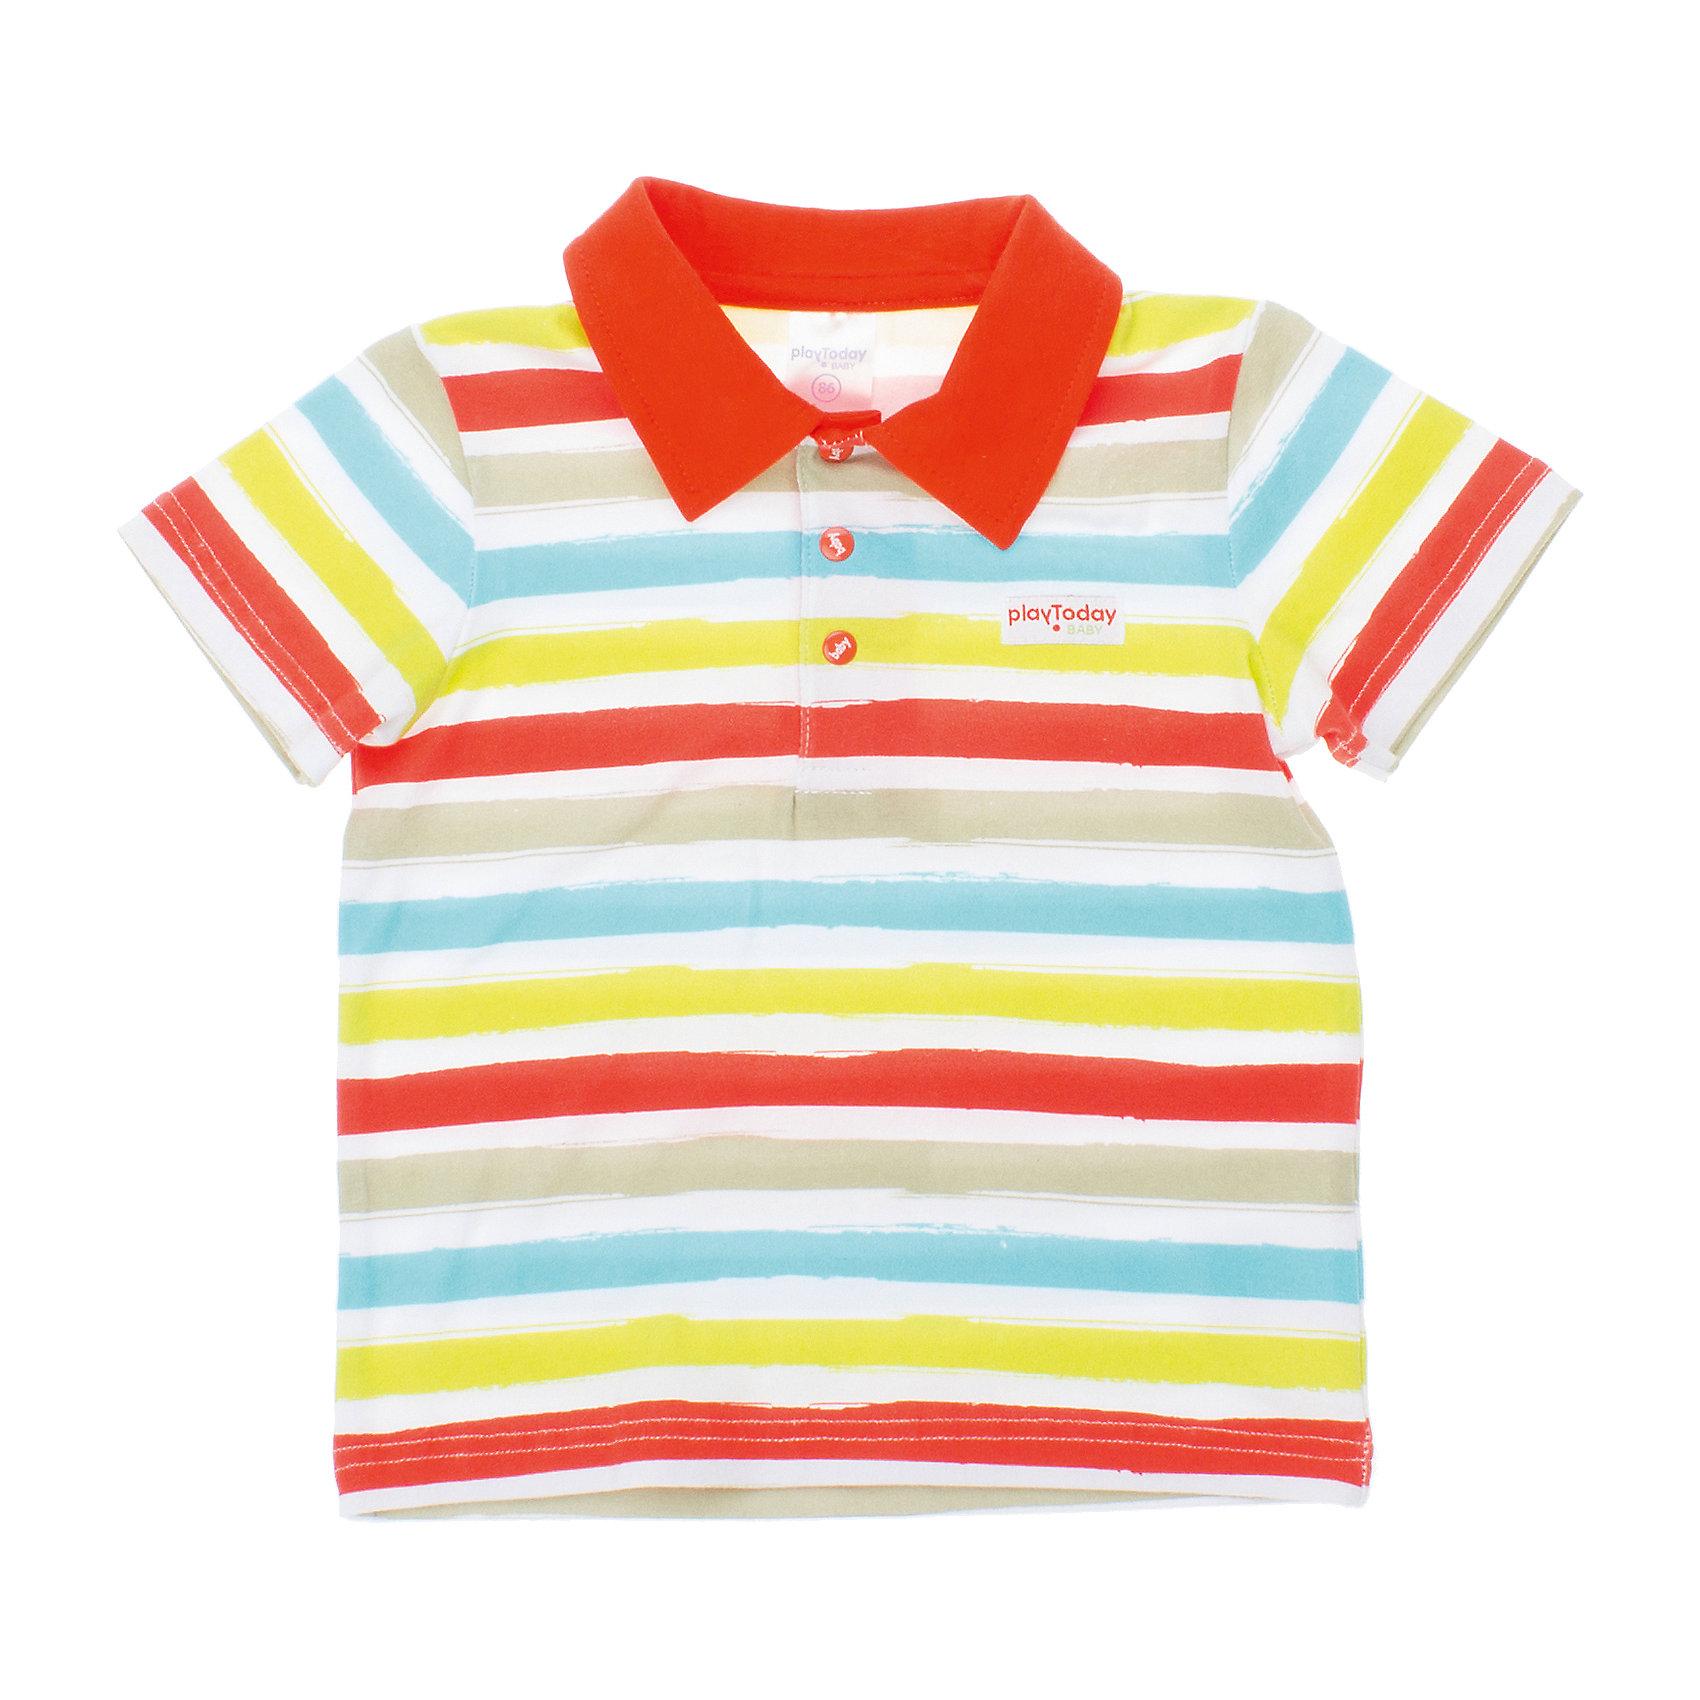 Футболка-поло для мальчика PlayTodayФутболки, топы<br>Футболка для мальчика PlayToday <br><br>Состав: 95% хлопок, 5% эластан <br><br>Воротник поло оранжевого цвета<br>Застежки-кнопки на воротнике<br><br>Ширина мм: 199<br>Глубина мм: 10<br>Высота мм: 161<br>Вес г: 151<br>Цвет: белый<br>Возраст от месяцев: 9<br>Возраст до месяцев: 12<br>Пол: Мужской<br>Возраст: Детский<br>Размер: 74,80,92,86<br>SKU: 4502927